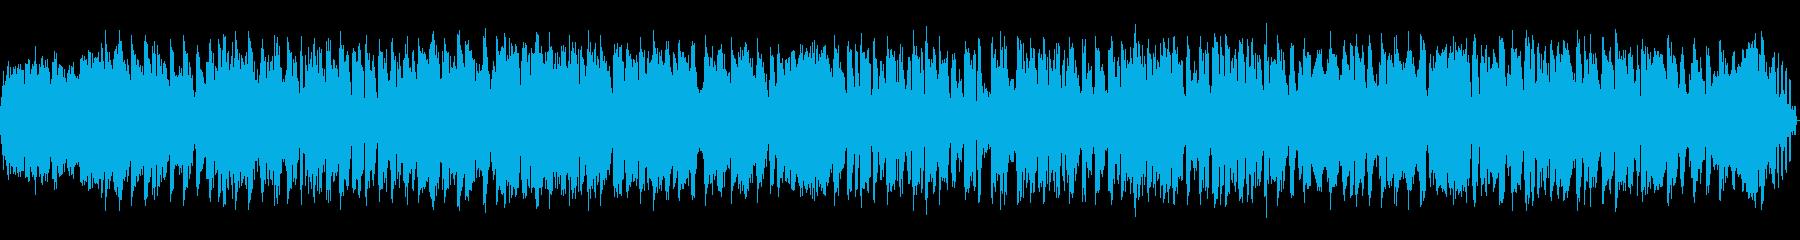 スクラッチグルーブ2の再生済みの波形